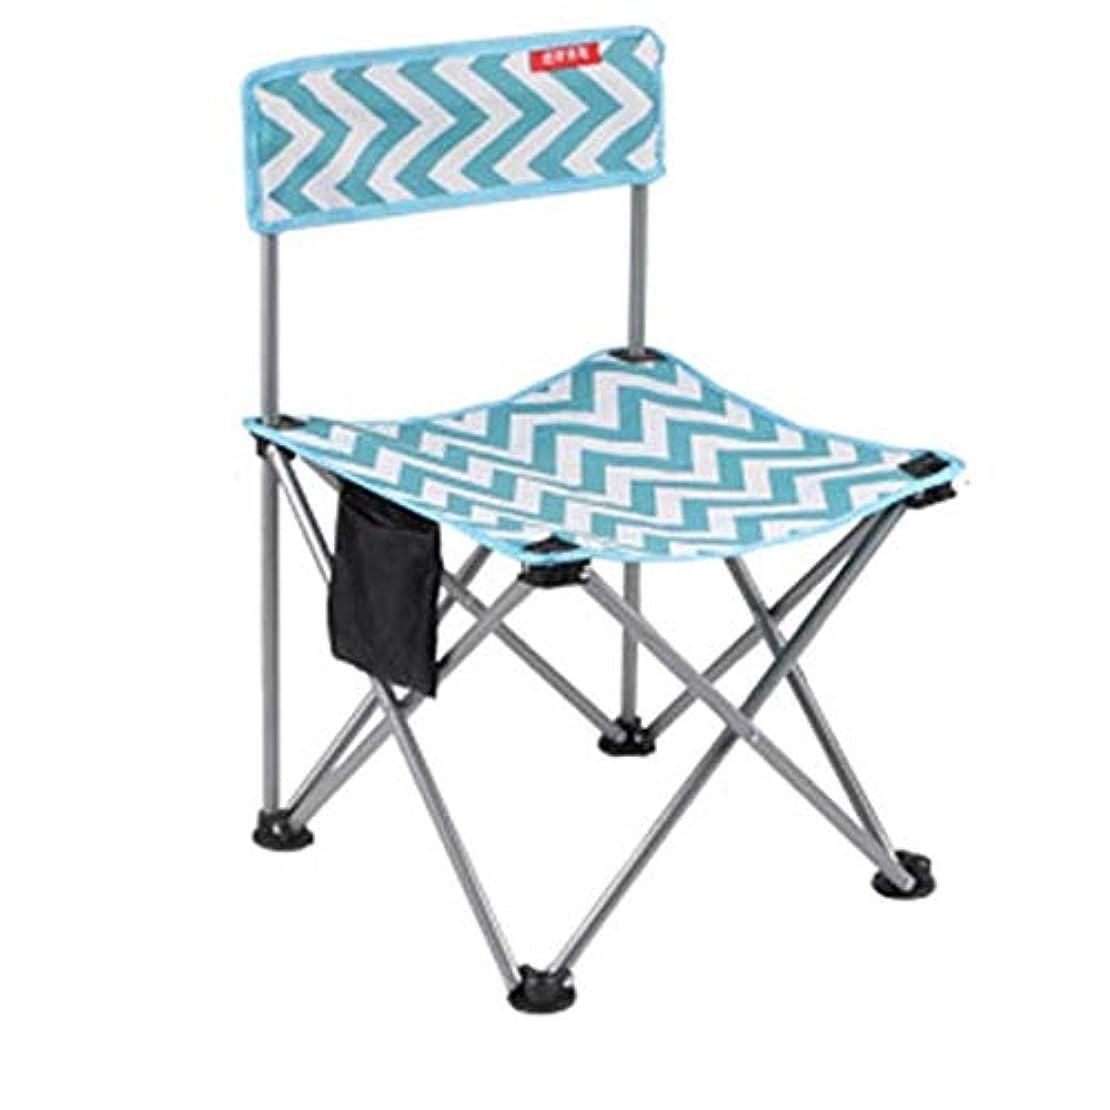 ディプロマ必要としているカスケード屋外折りたたみ椅子列車シートレス釣りスツール学生スケッチチェアアートポータブル特別背もたれ小さな椅子 (色 : 青)